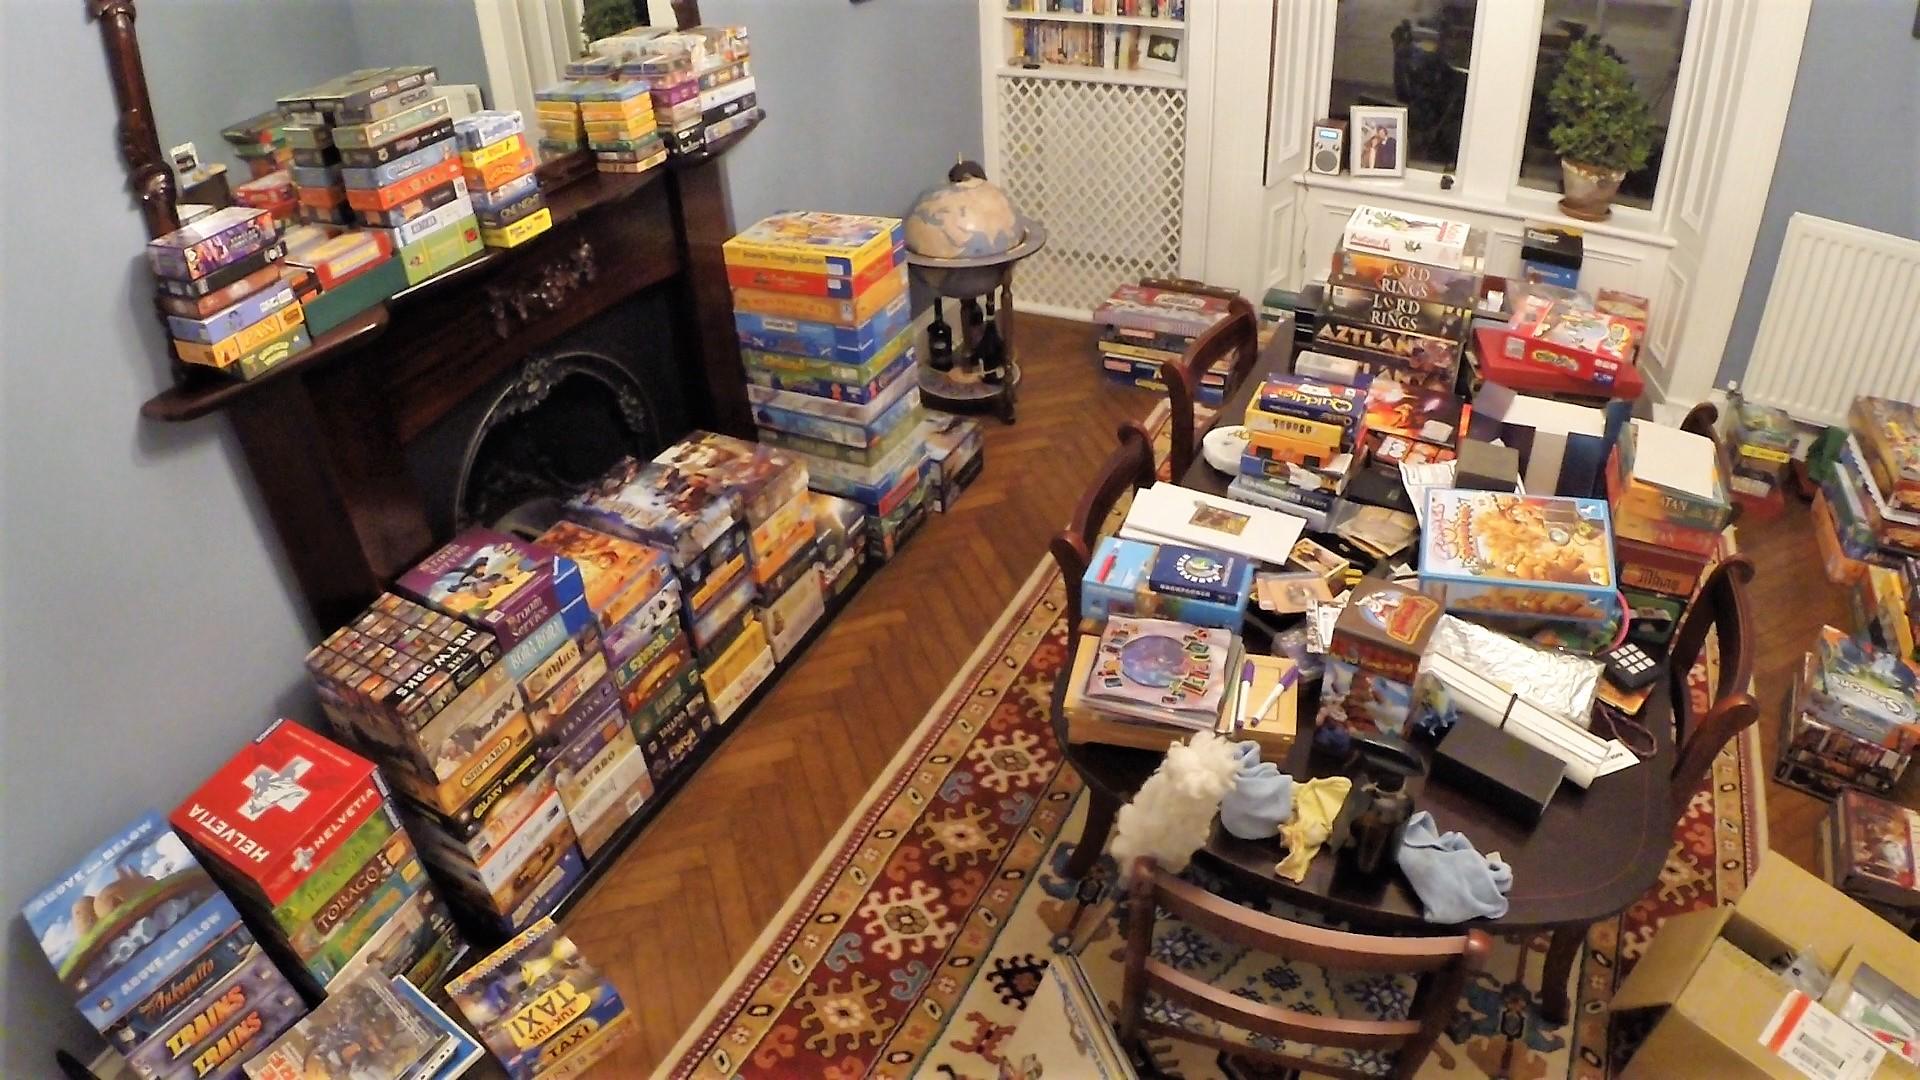 Board games everywhere!